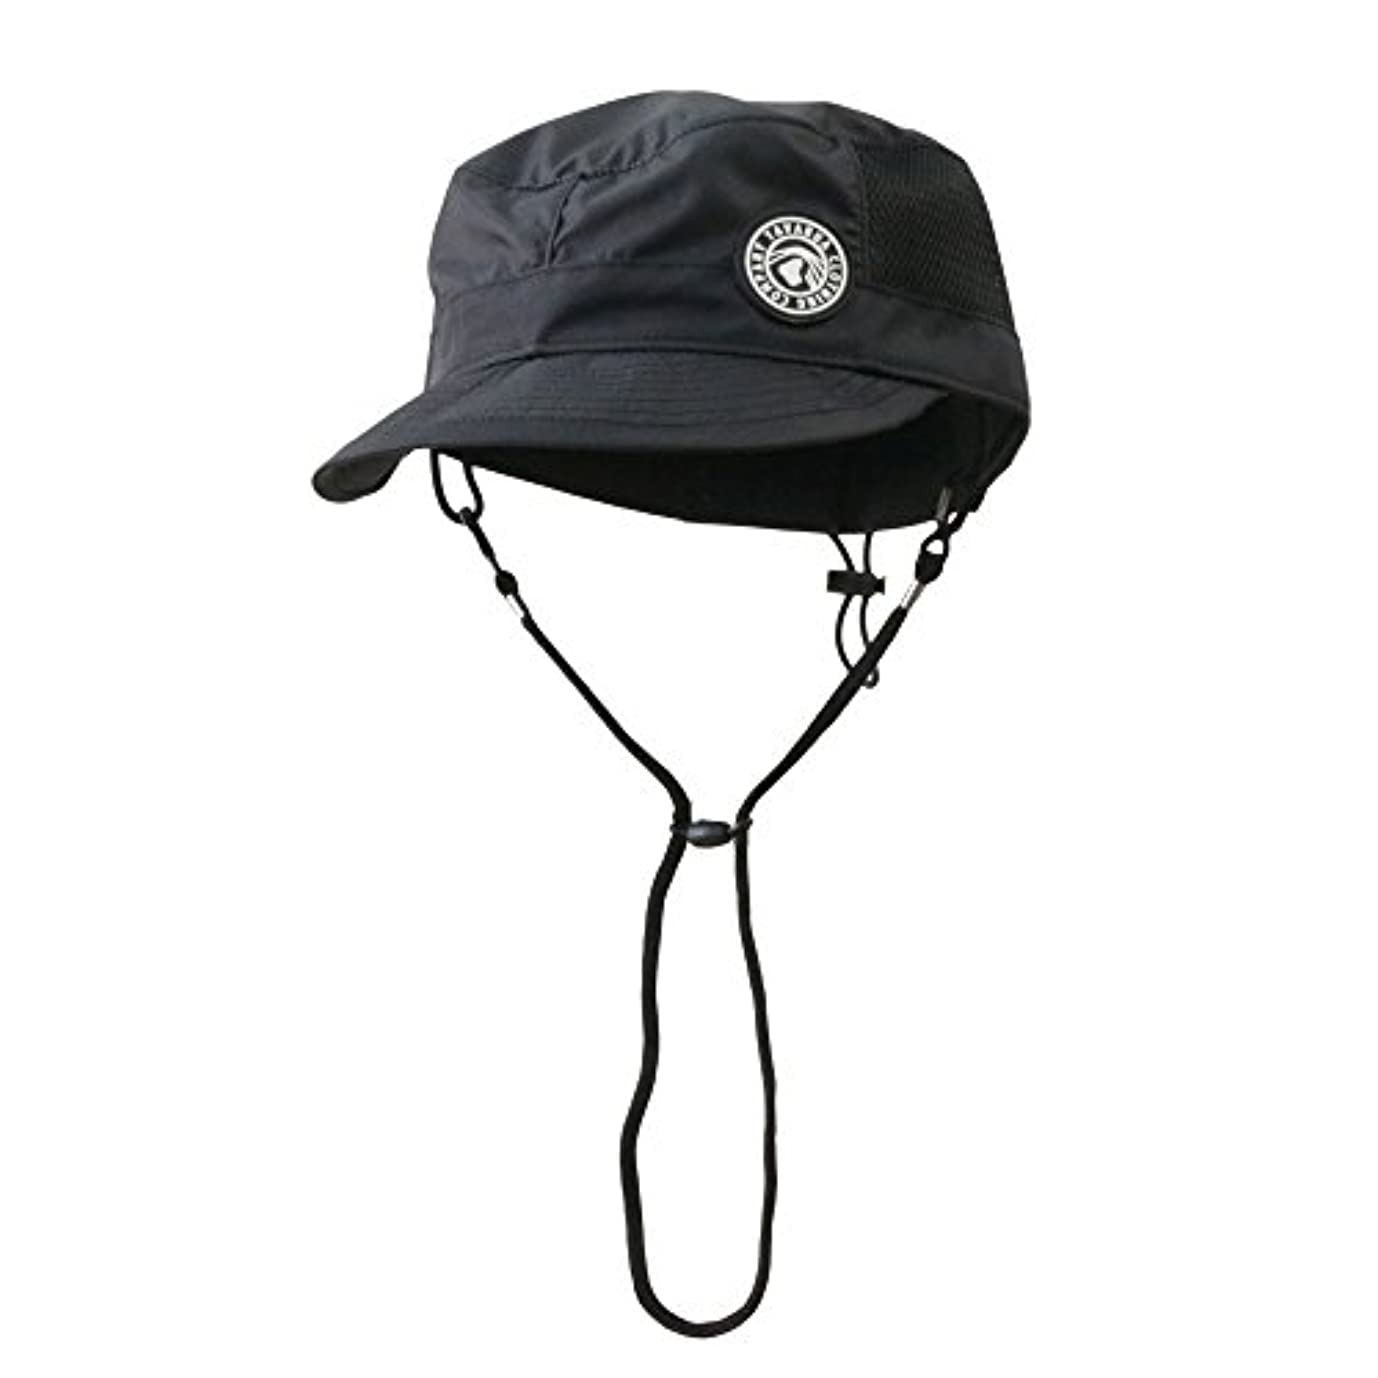 委託うがい夕食を作る【TAVARUA/タバルア】プレミアムポケッタブルサーフキャップ TM1004 日本製 サーフハット キャップ 水陸両用帽子 大人